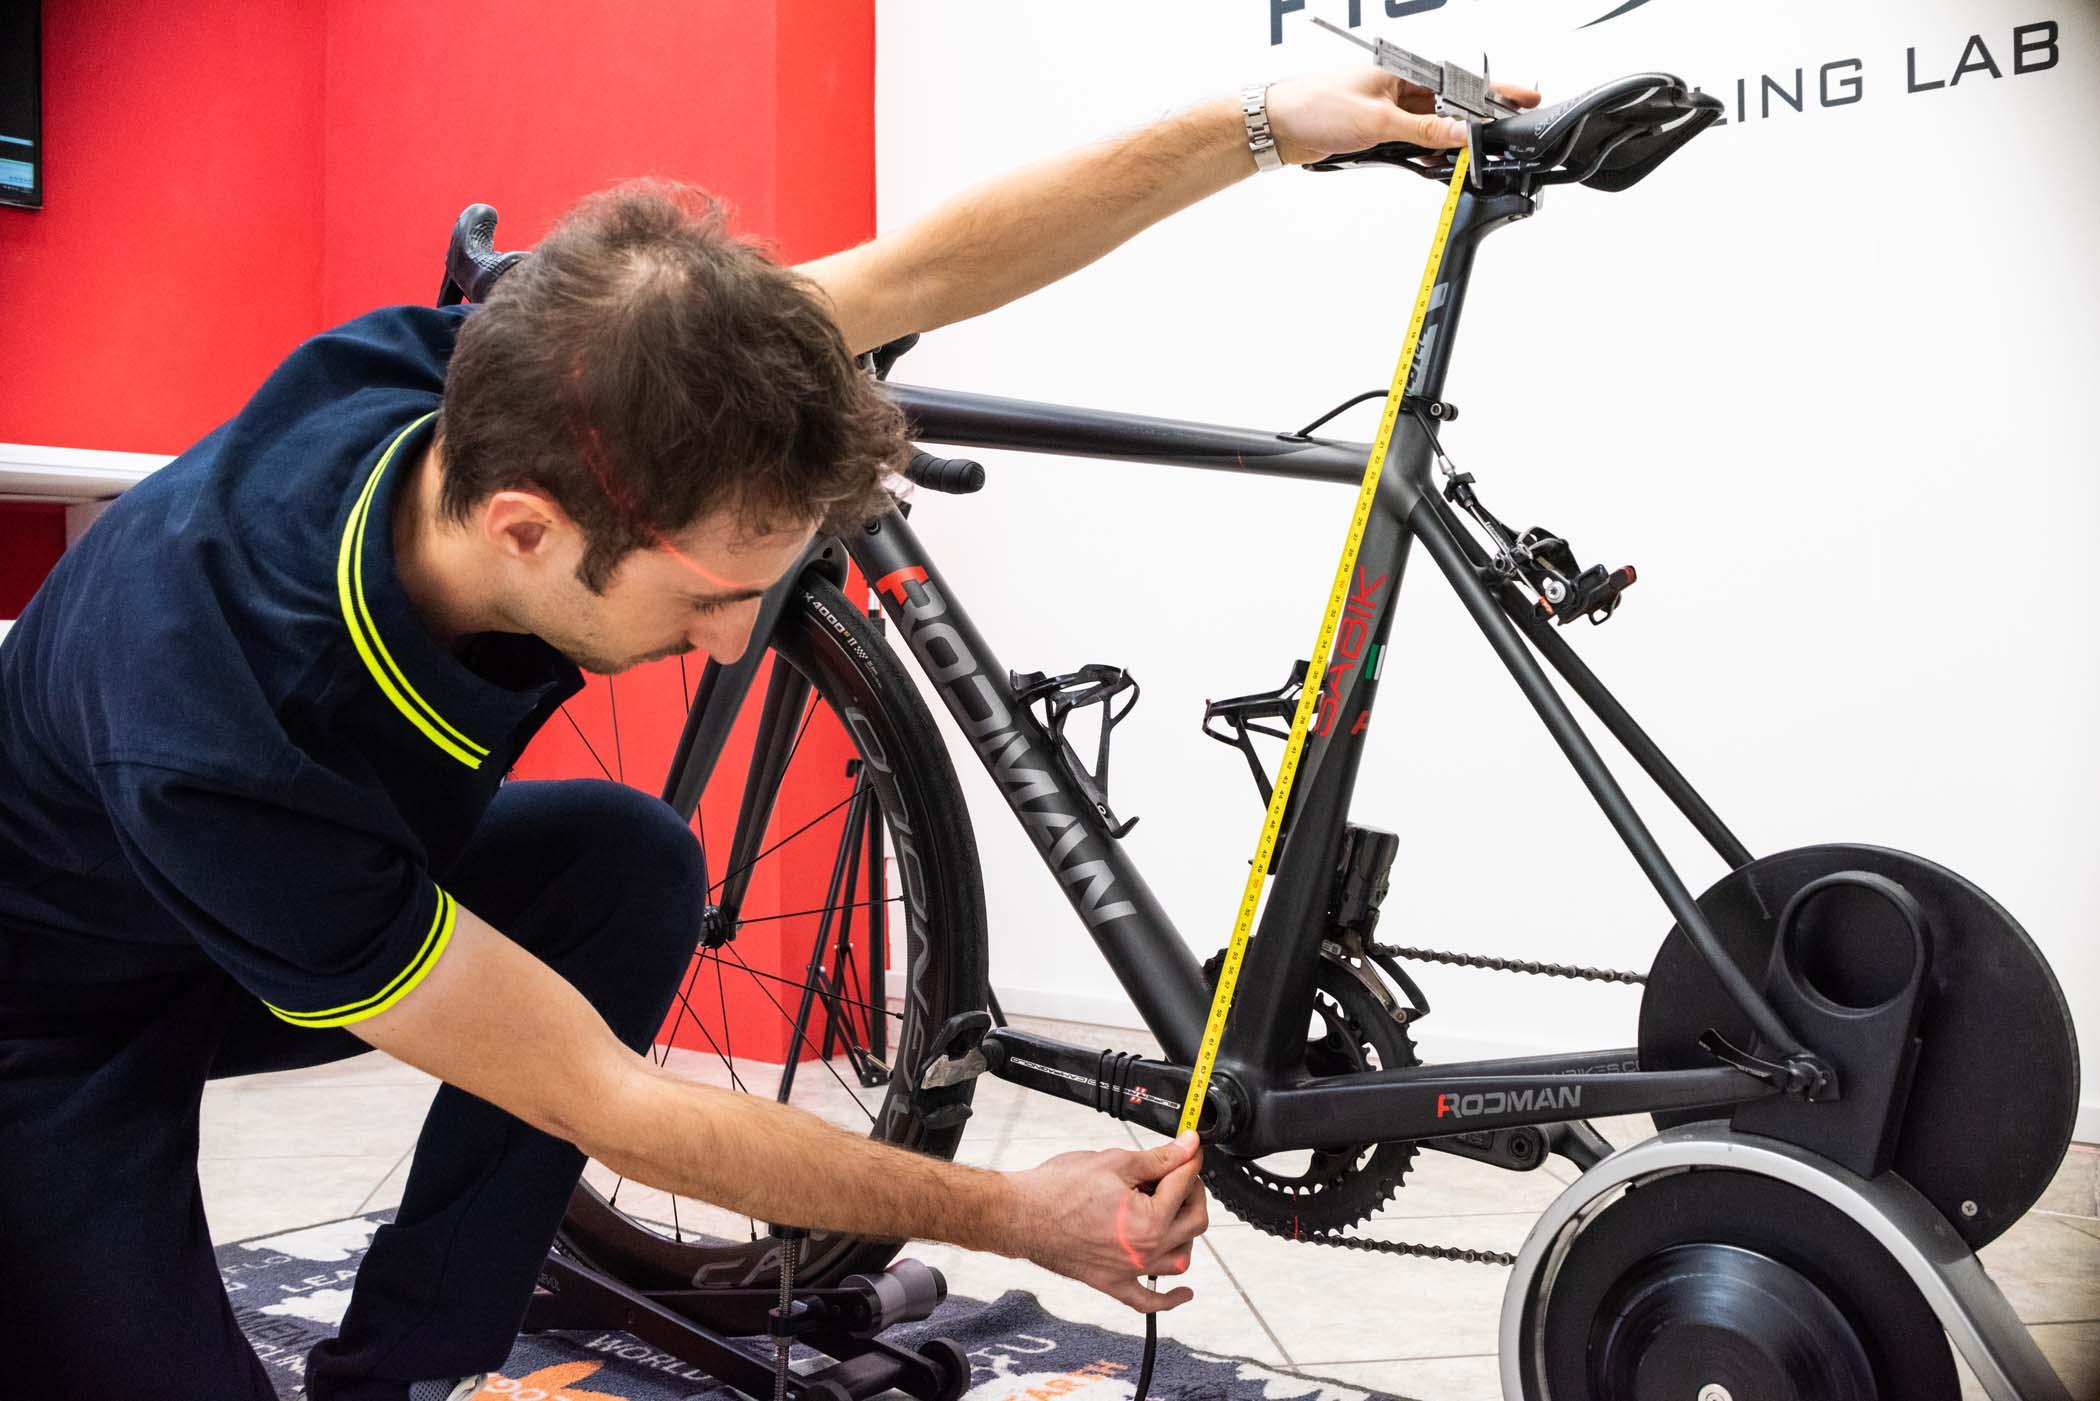 corretta posizione in bicicletta